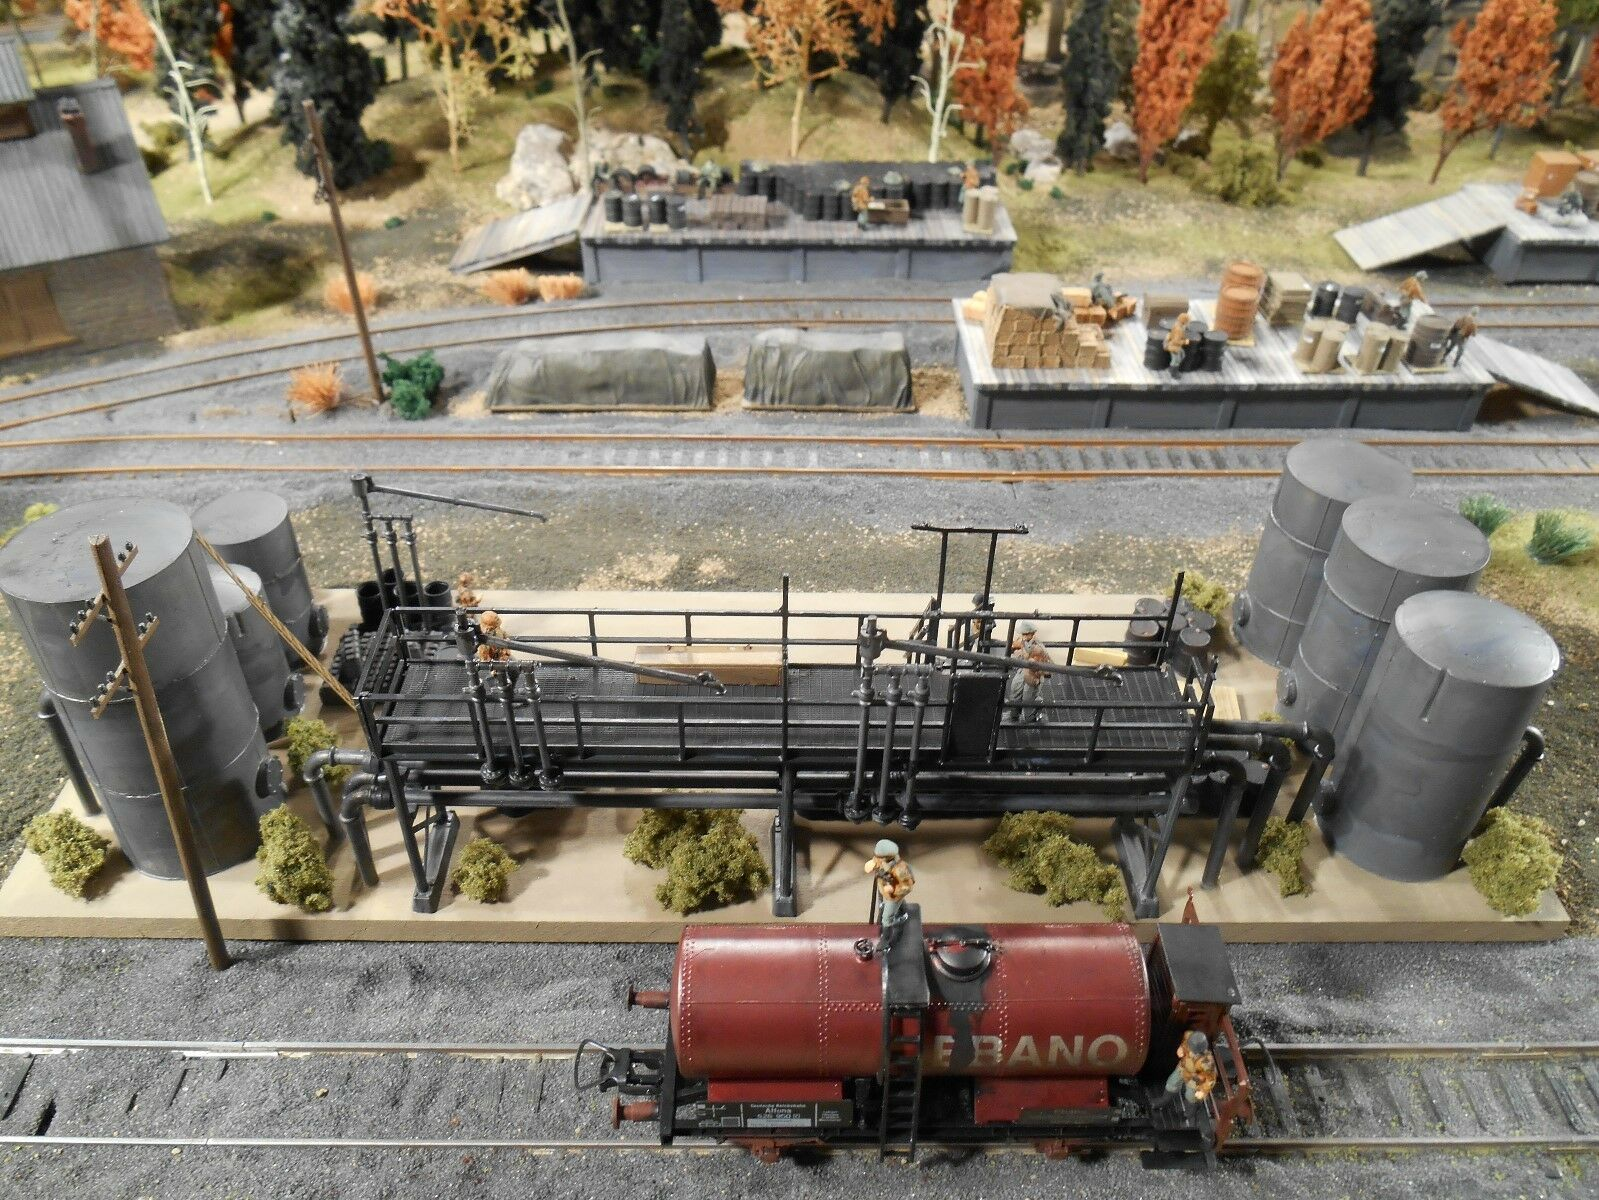 Ho Roco Roco Roco Minitank su Misura Dettagliato Esposto Alle Intemperie Carburante Depot 0229a1